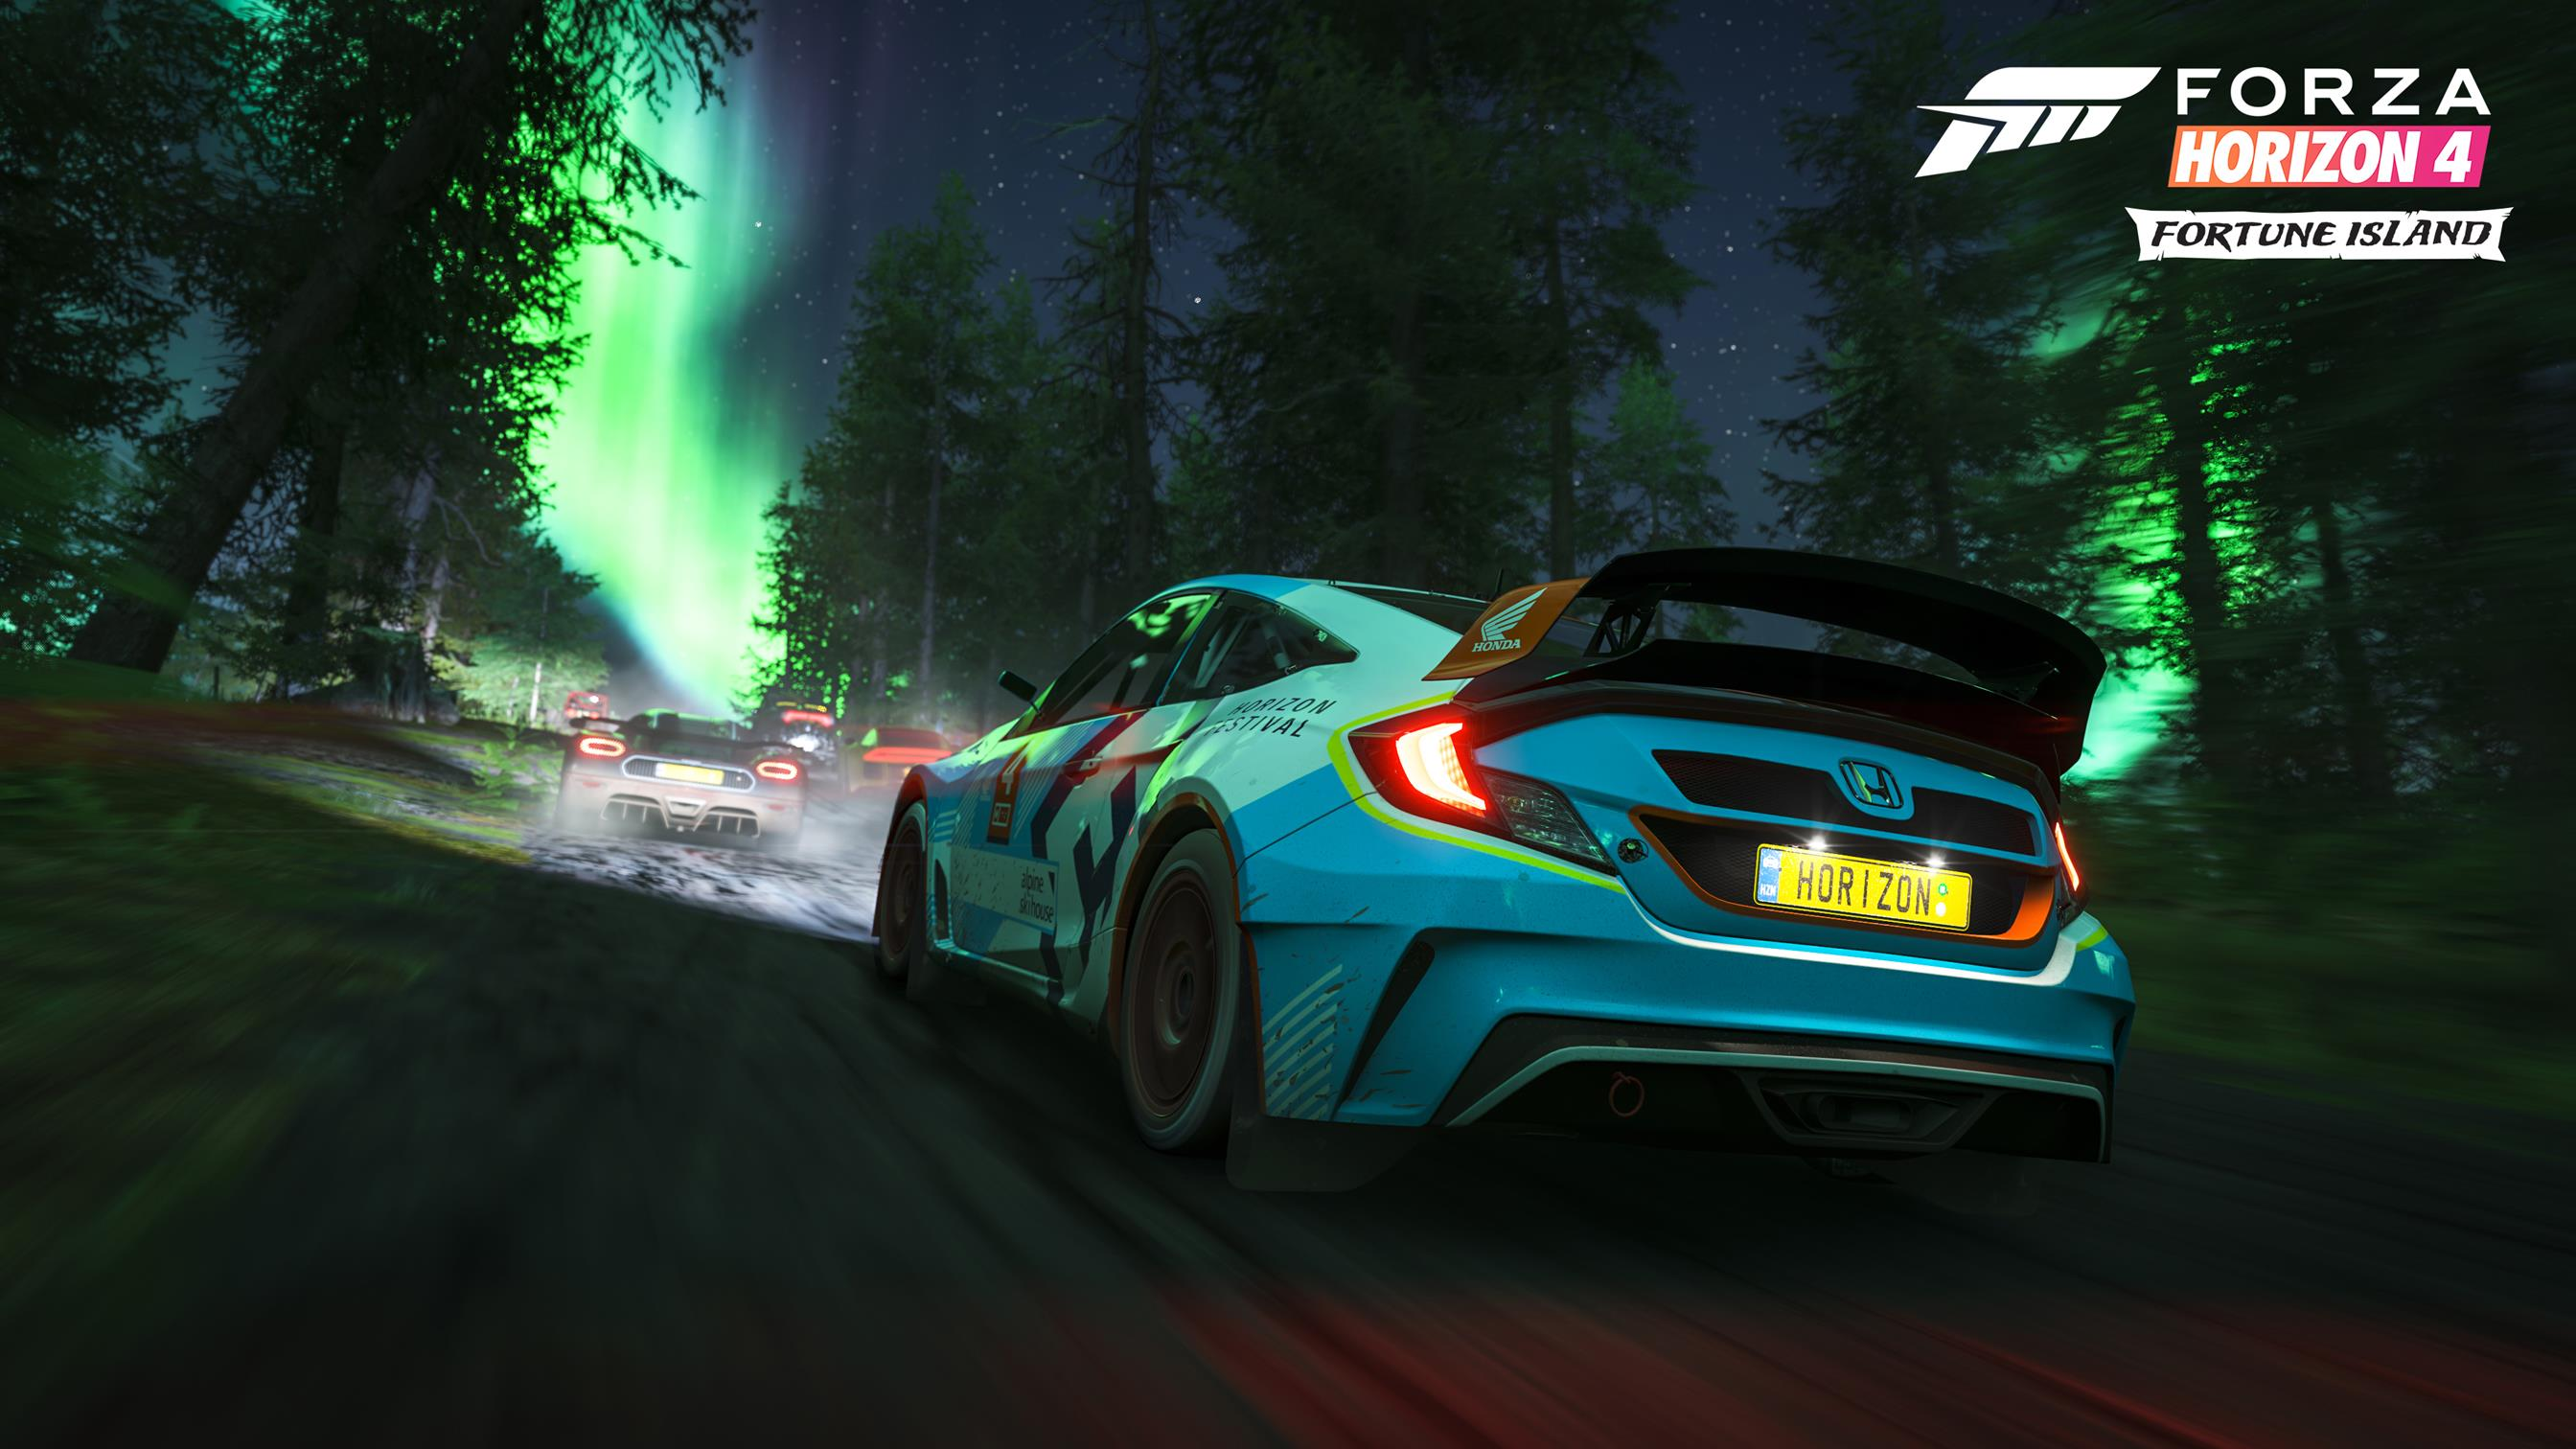 Forza Horizon 4: on ay sonra, Playground Games'in yarışçısı Xbox One'ın tek özel şaheseri 3